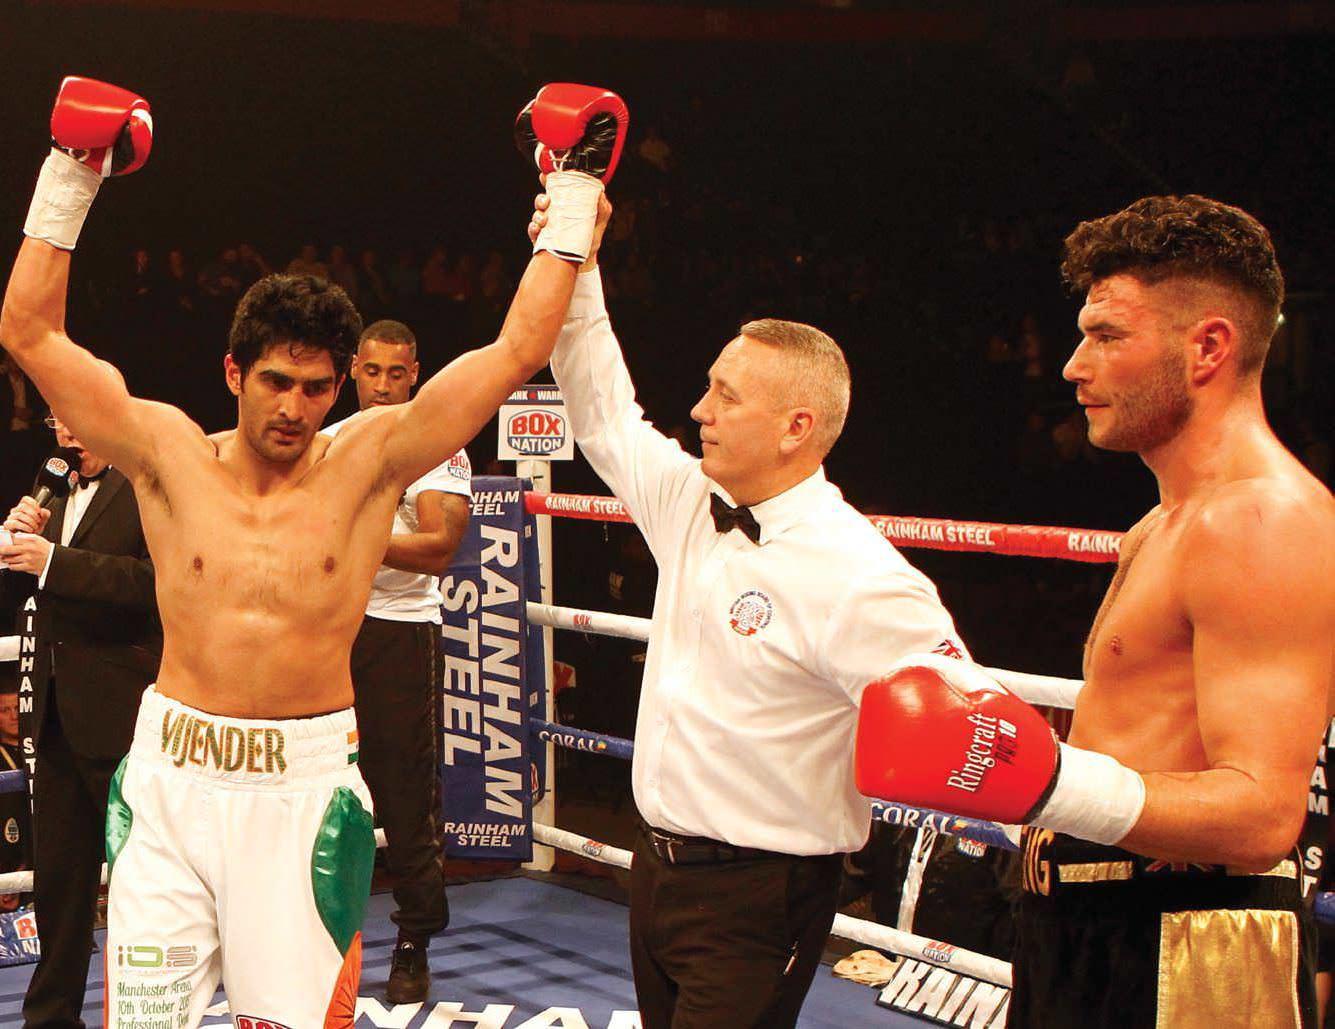 Smashing Debut Of Virendra Singh